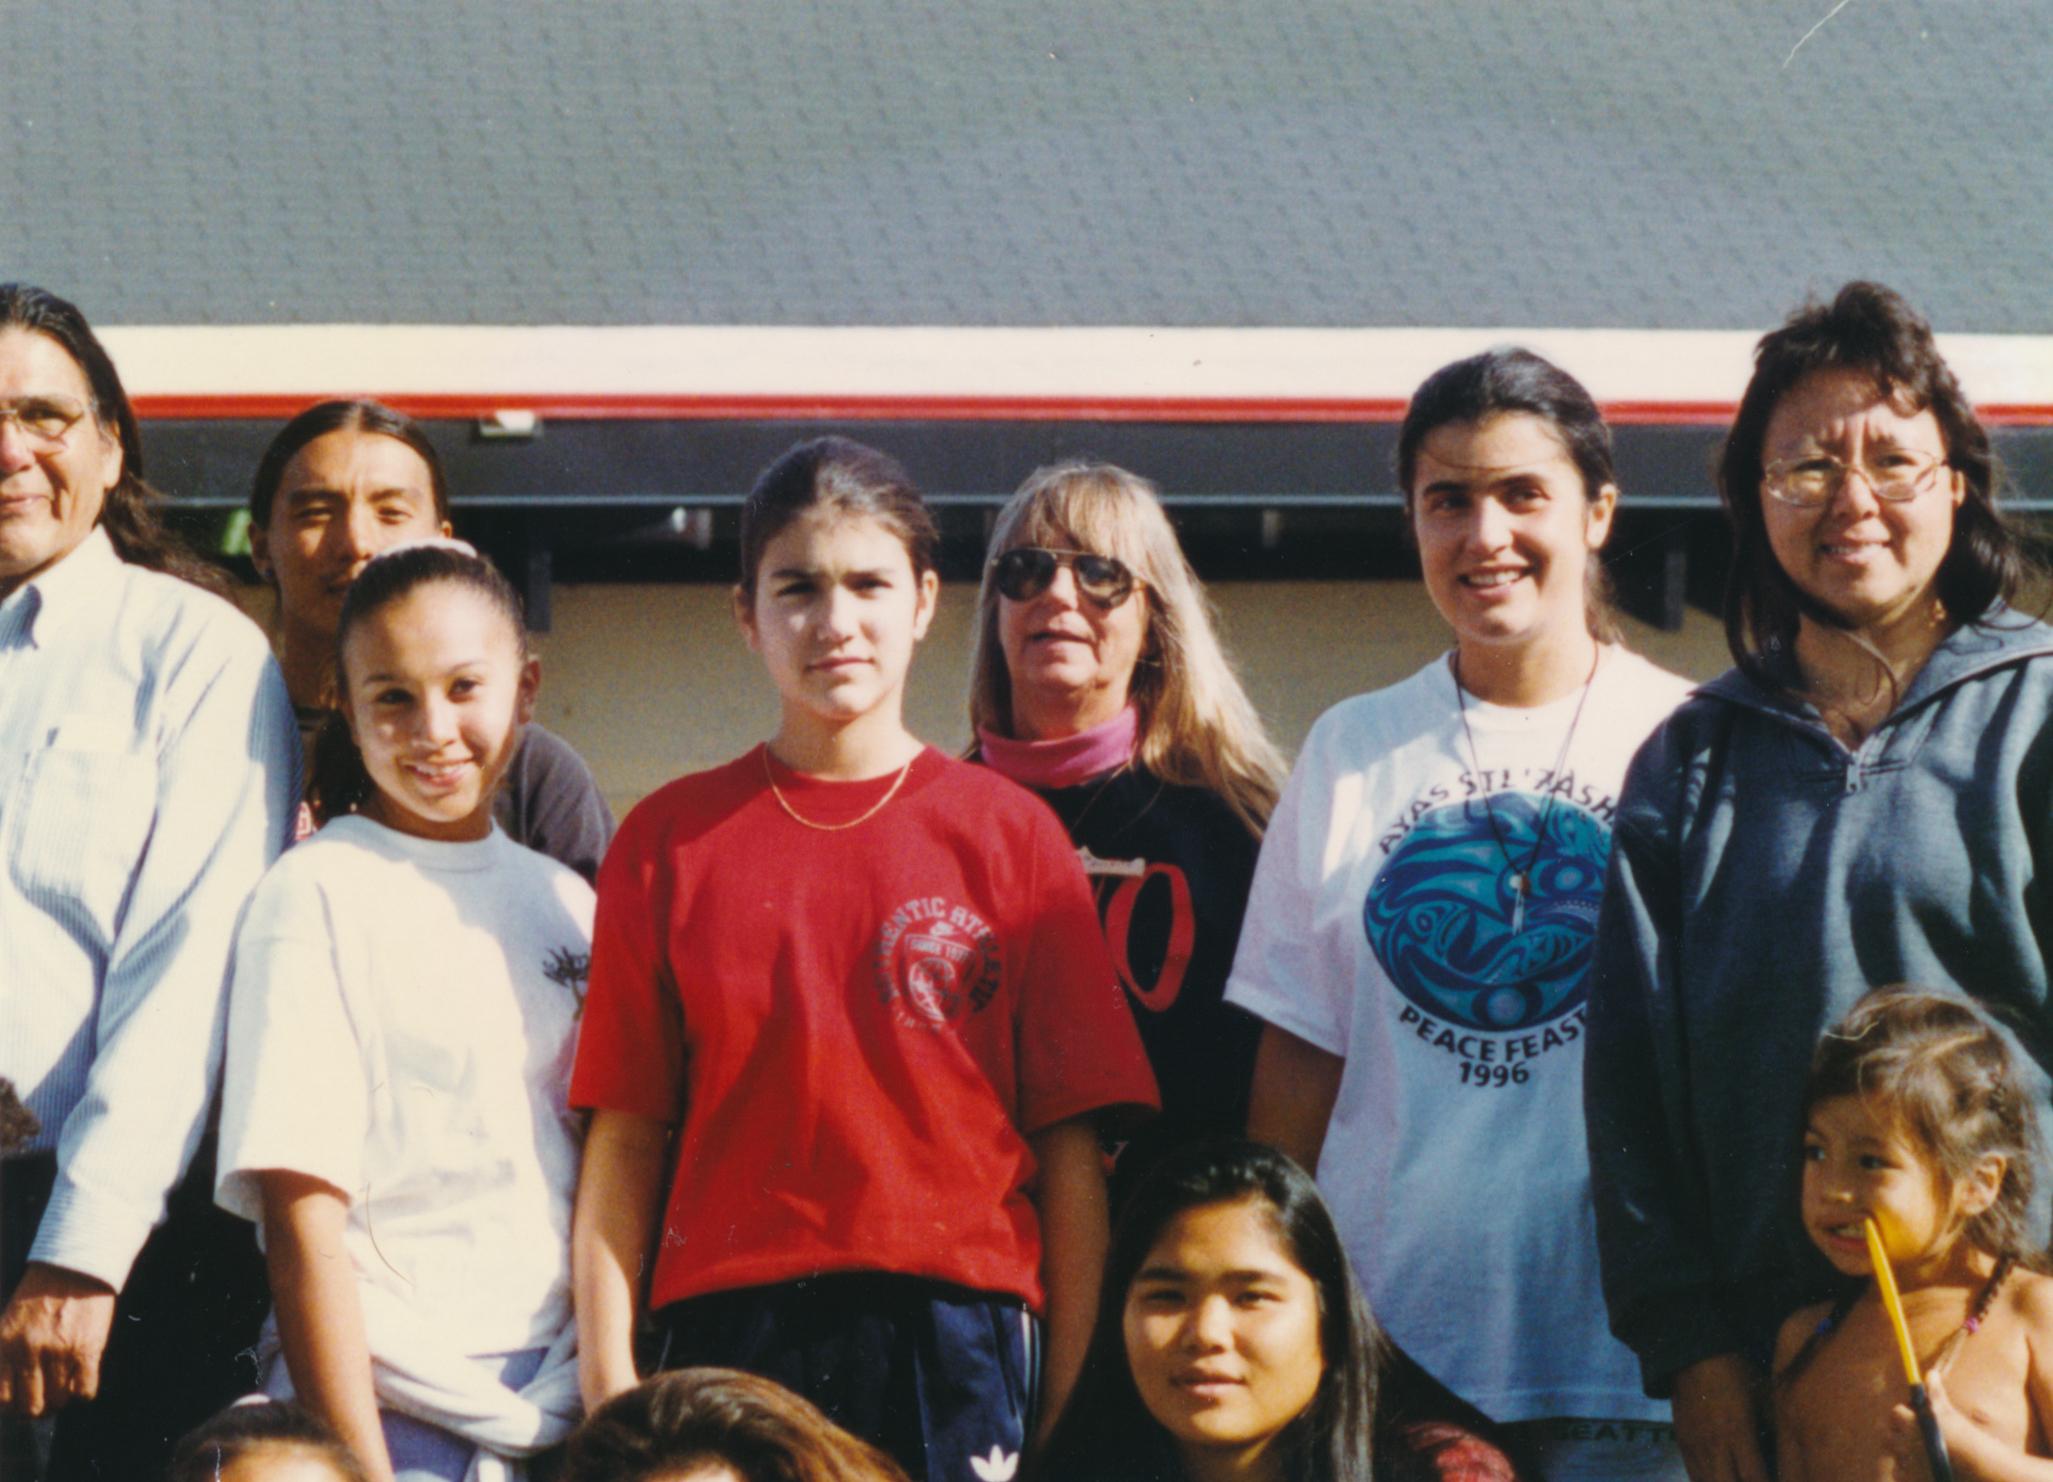 Dennis (far left), Elaine Sutterlick (far right)